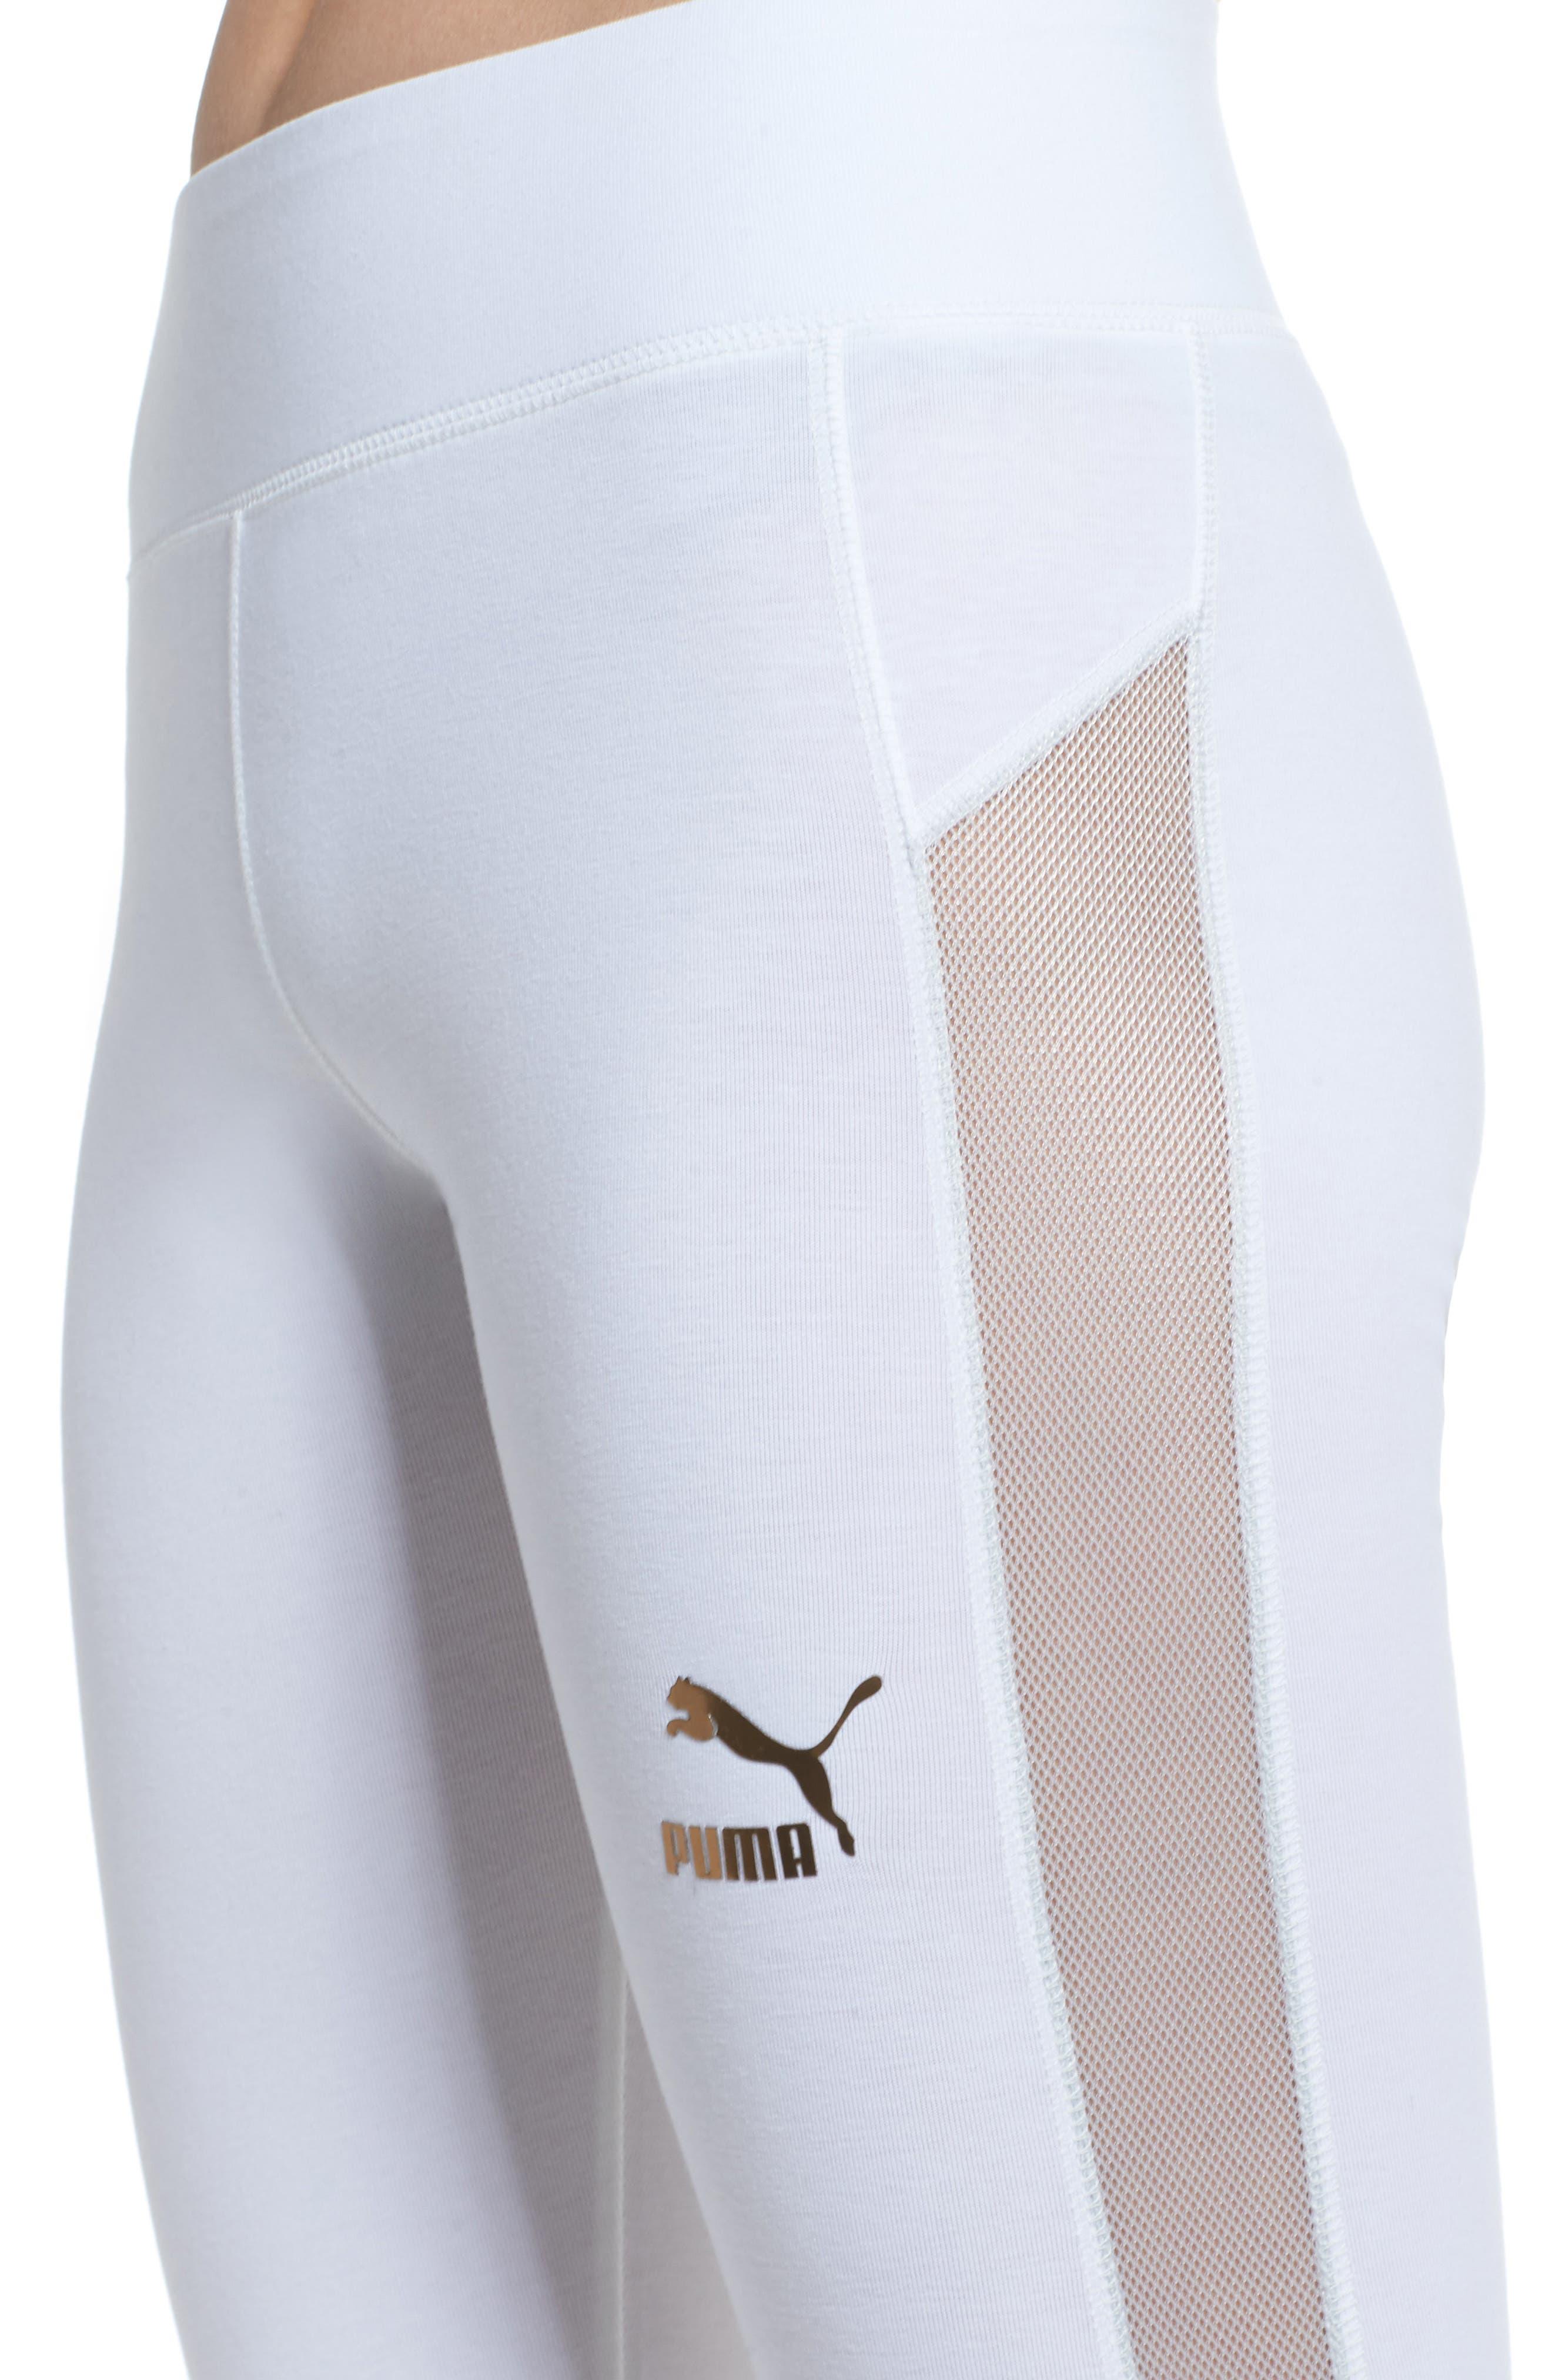 T7 Leggings,                             Alternate thumbnail 4, color,                             Puma White